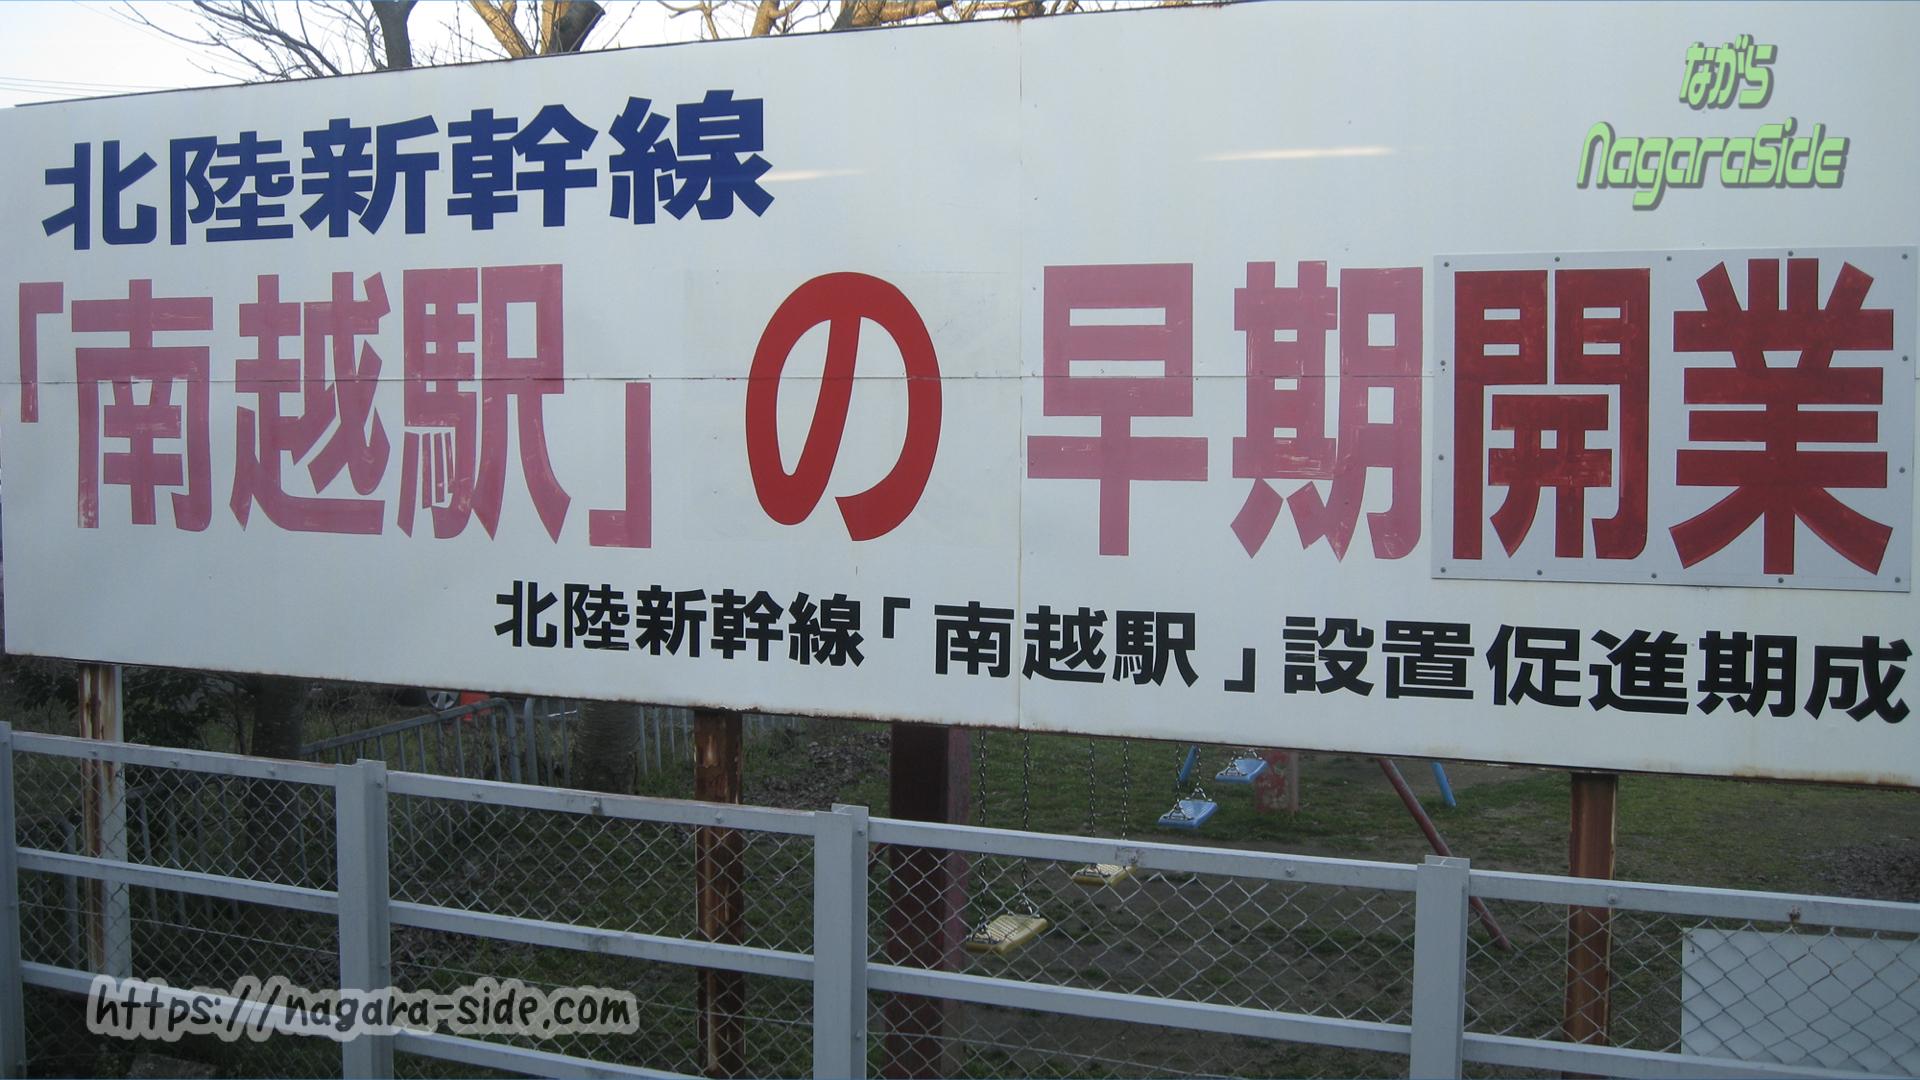 武生駅に掲げられていた北陸新幹線越前たけふ駅早期開業を願う看板